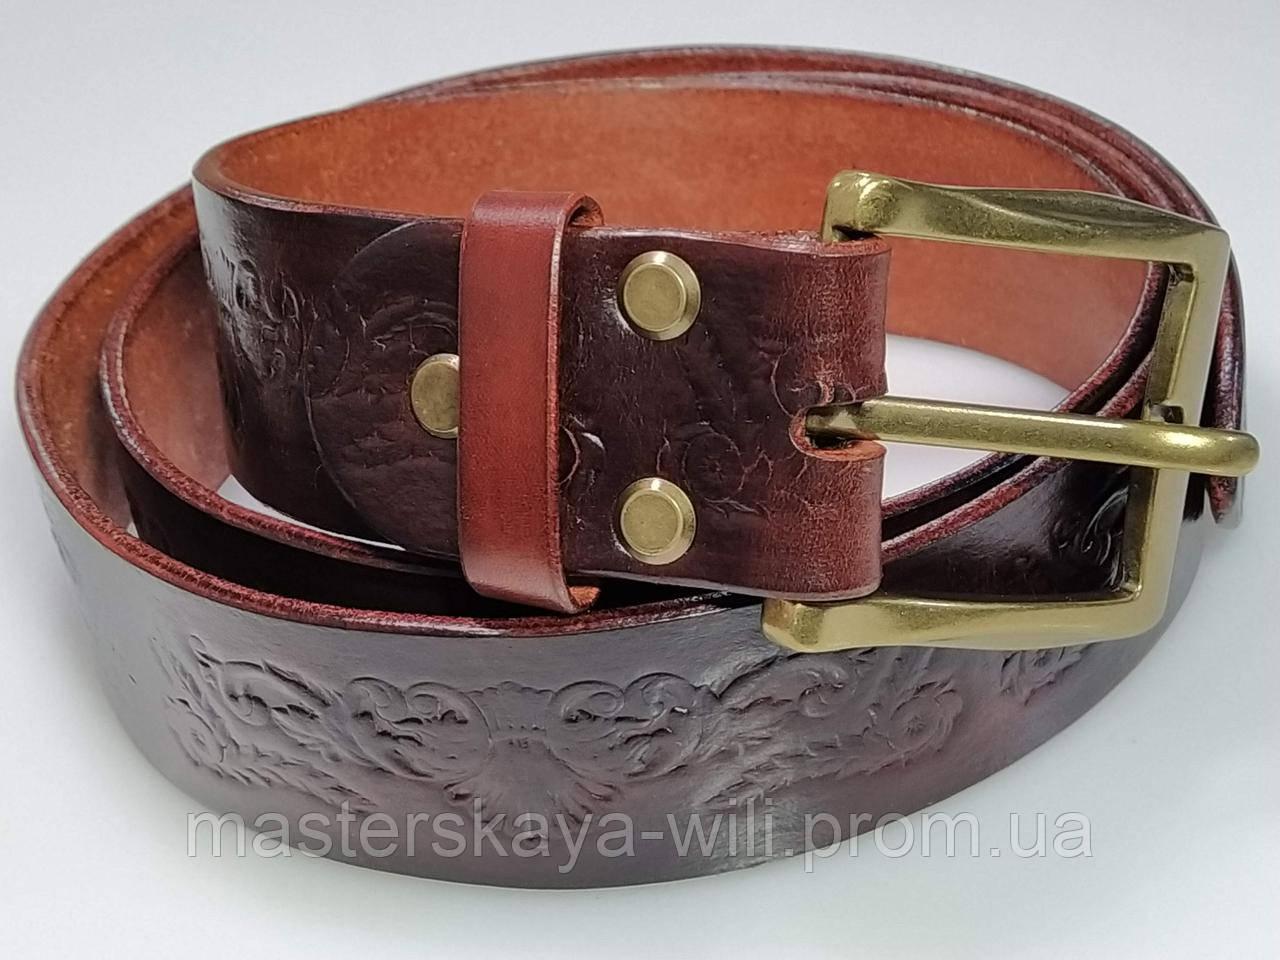 Шкіряний ремінь ручної роботи, коричневого кольору з тисненням